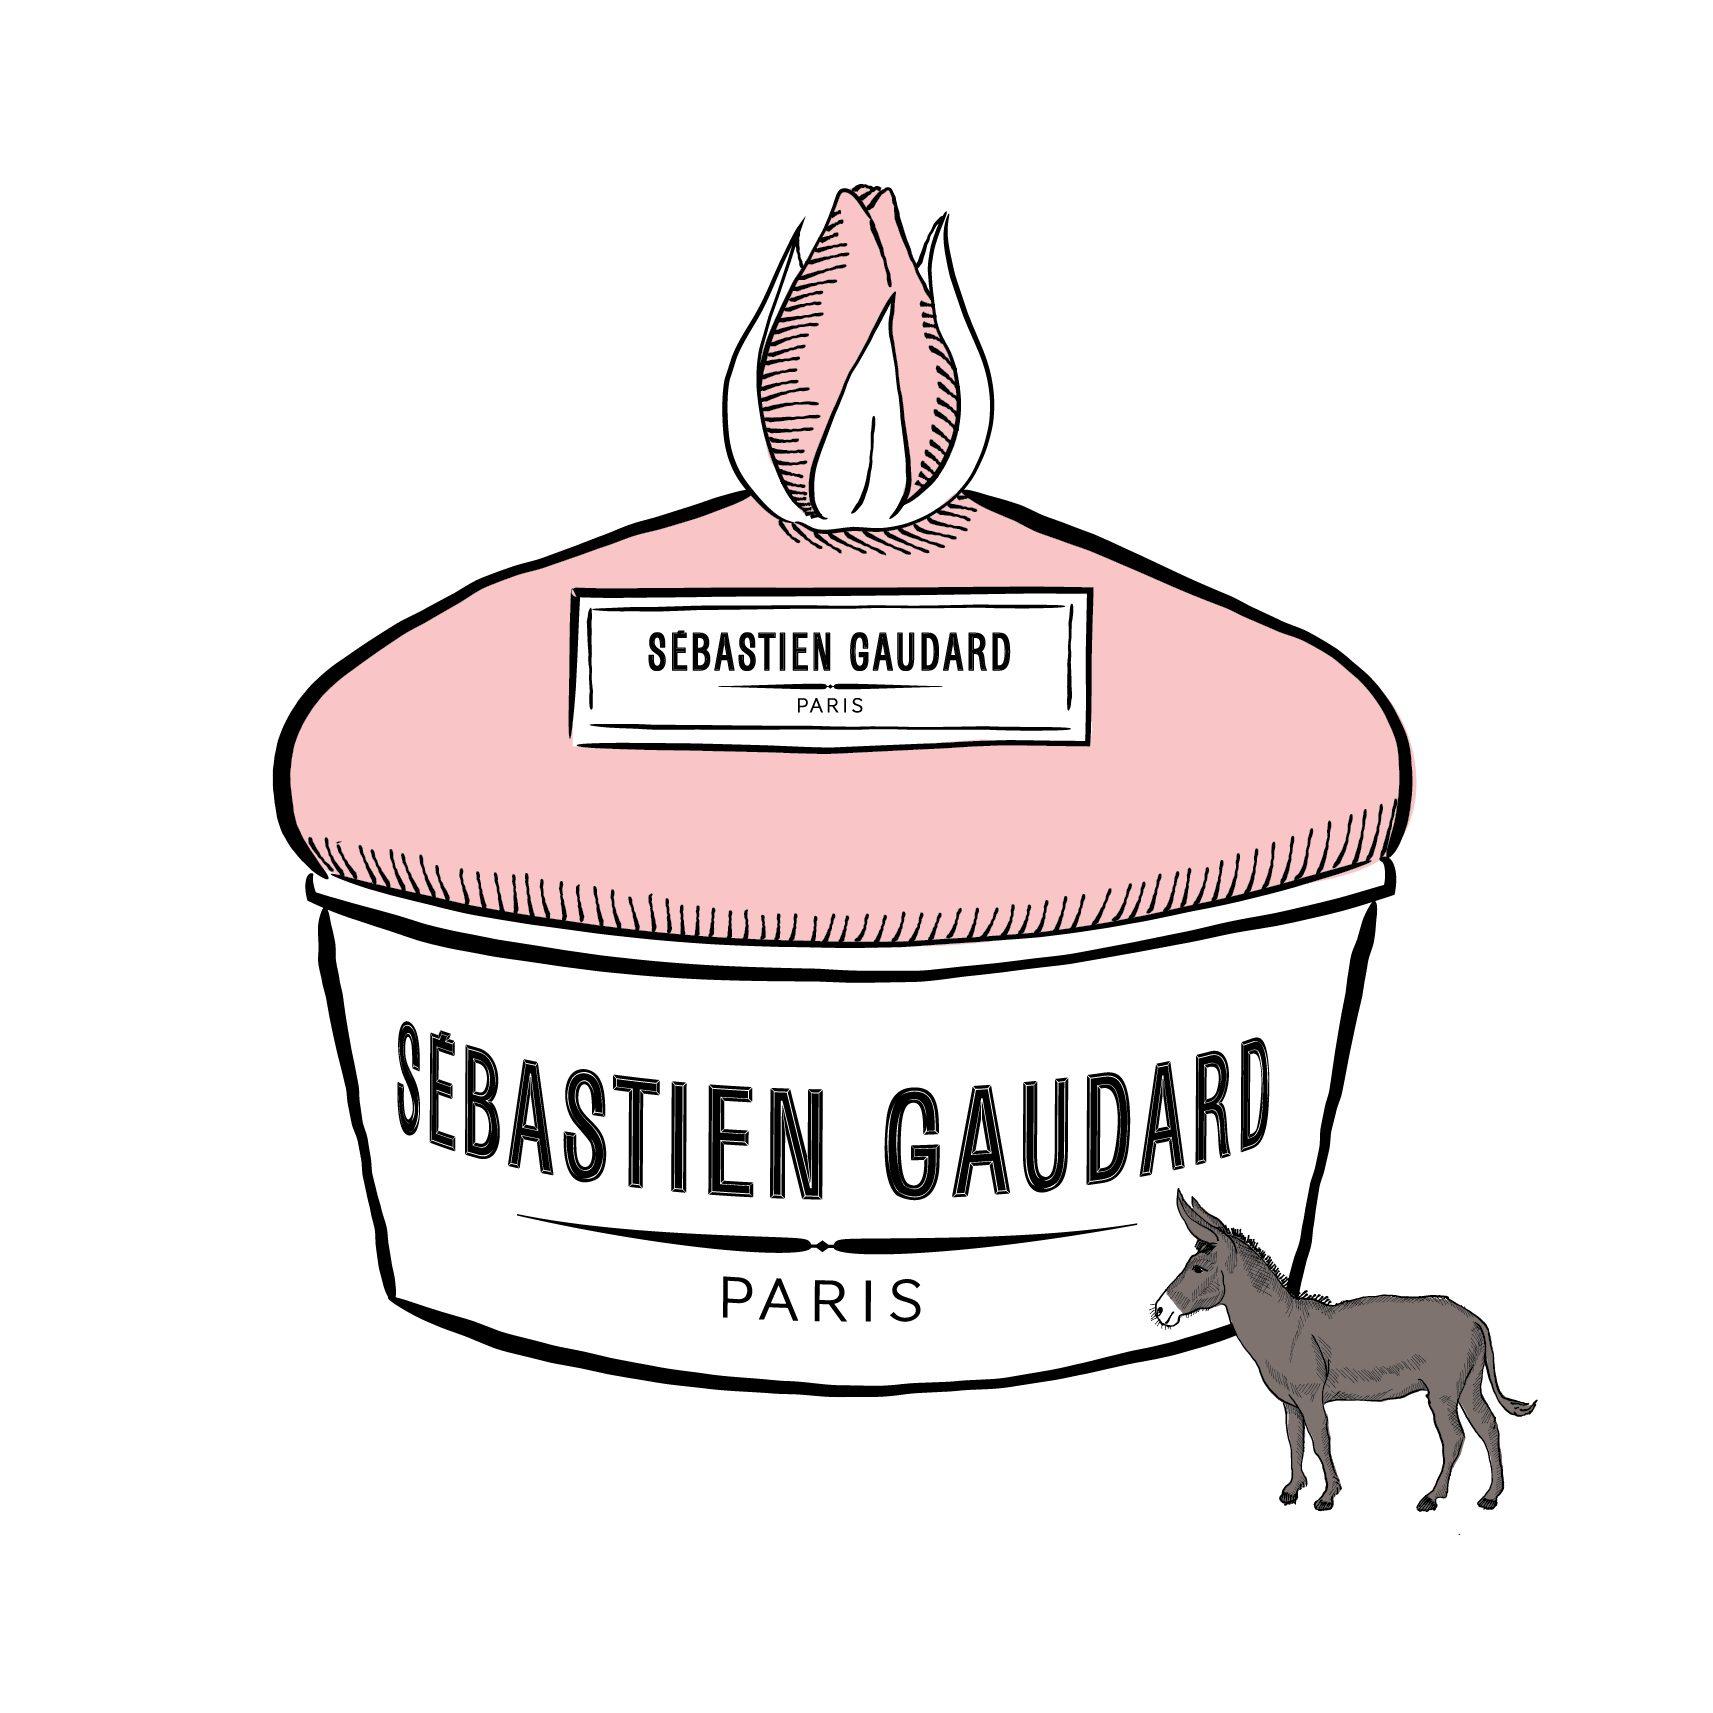 illustration du gâteau d'amour de sébastien gaudard par le studio ichetkar